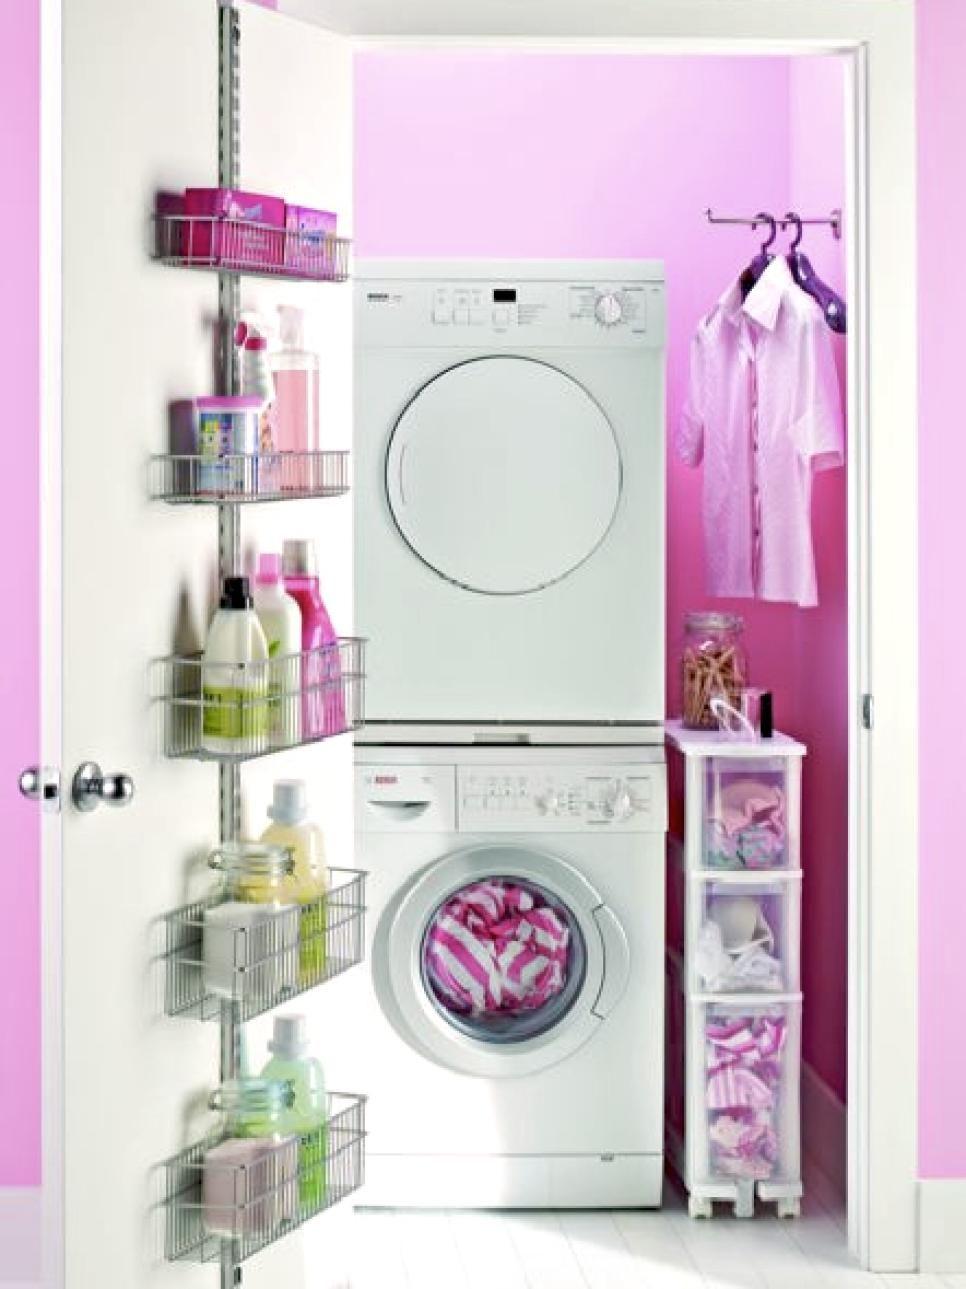 diy de cleaning tips organizador utensilios pin schoonmaakast closet